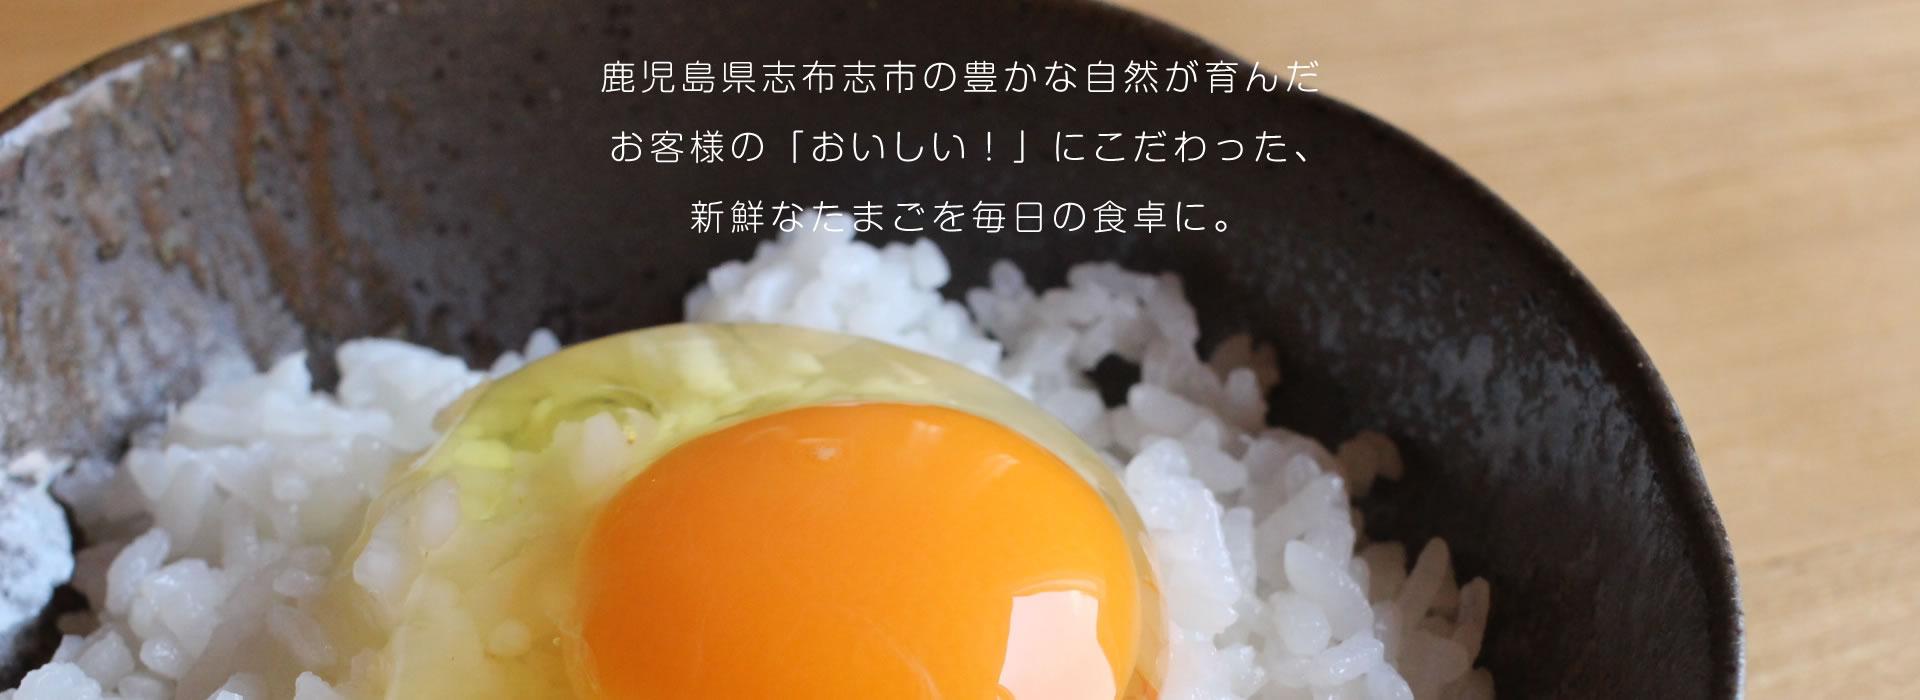 鹿児島県志布志市の豊かな自然が育んだお客様の「おいしい!」にこだわった、新鮮なたまごを毎日の食卓に。